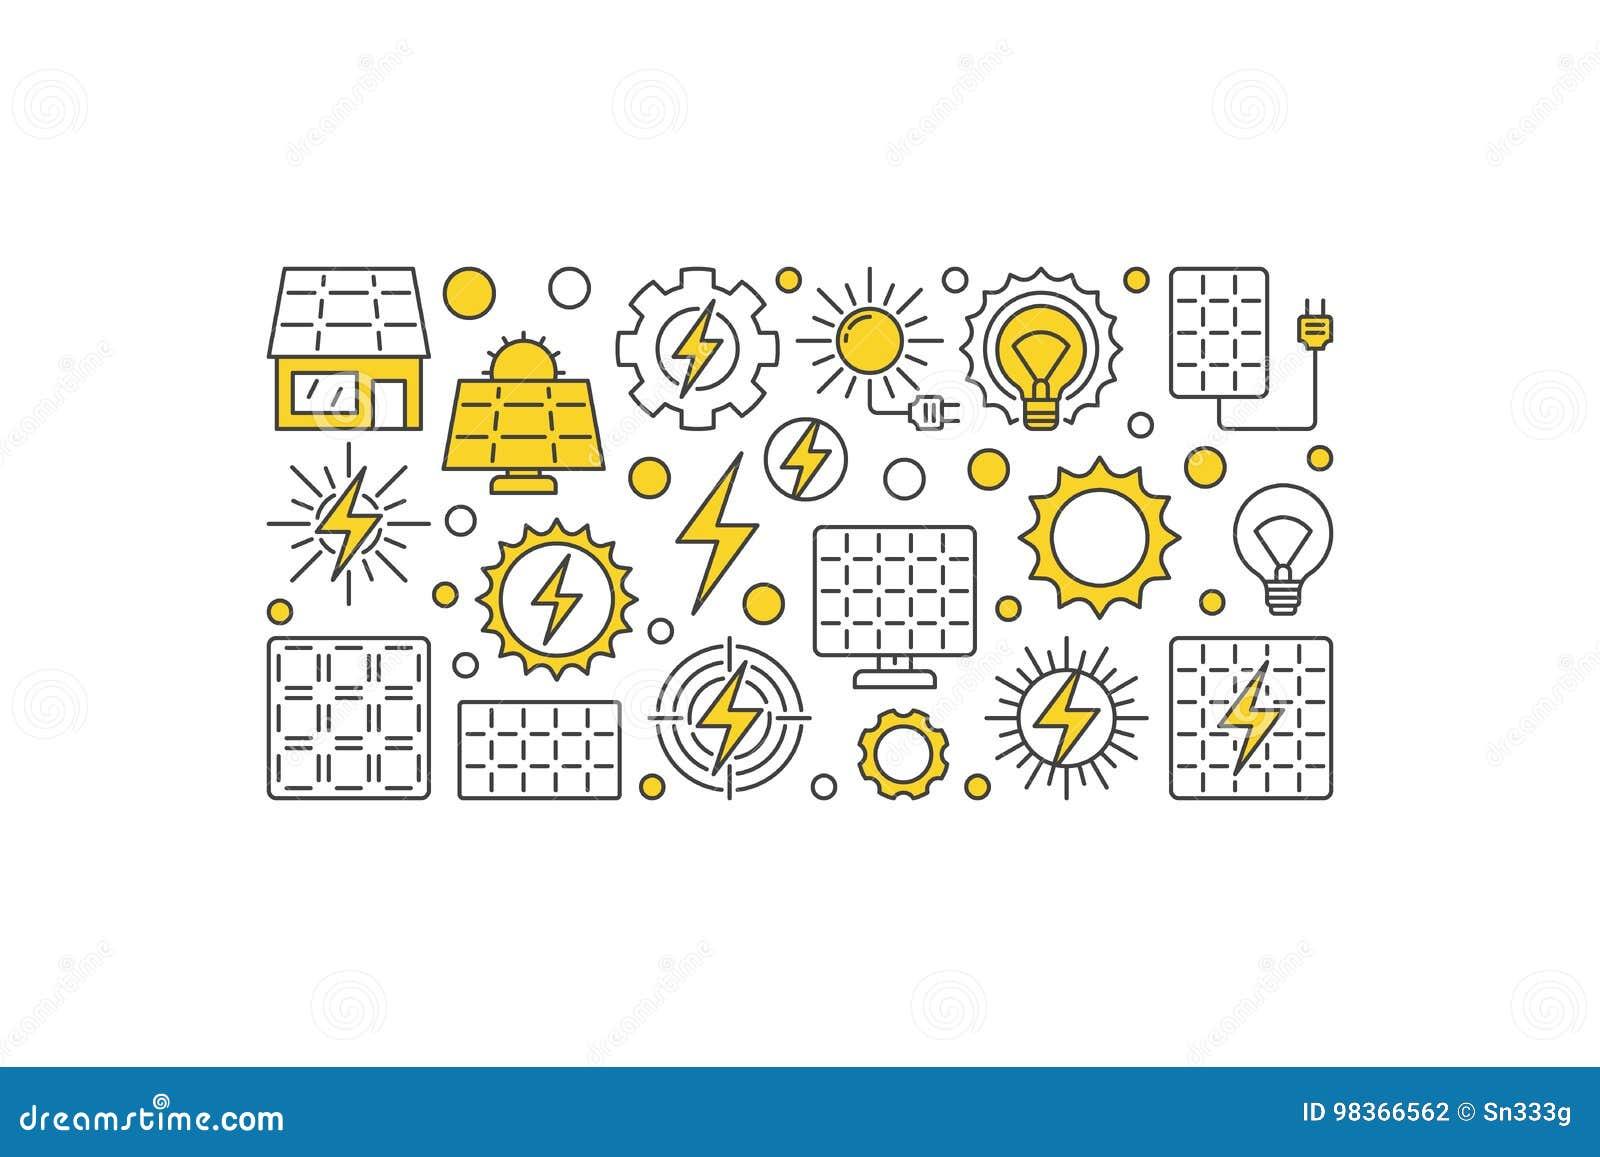 Solar Energy Vector Illustration  Sun Eco Energy Creative